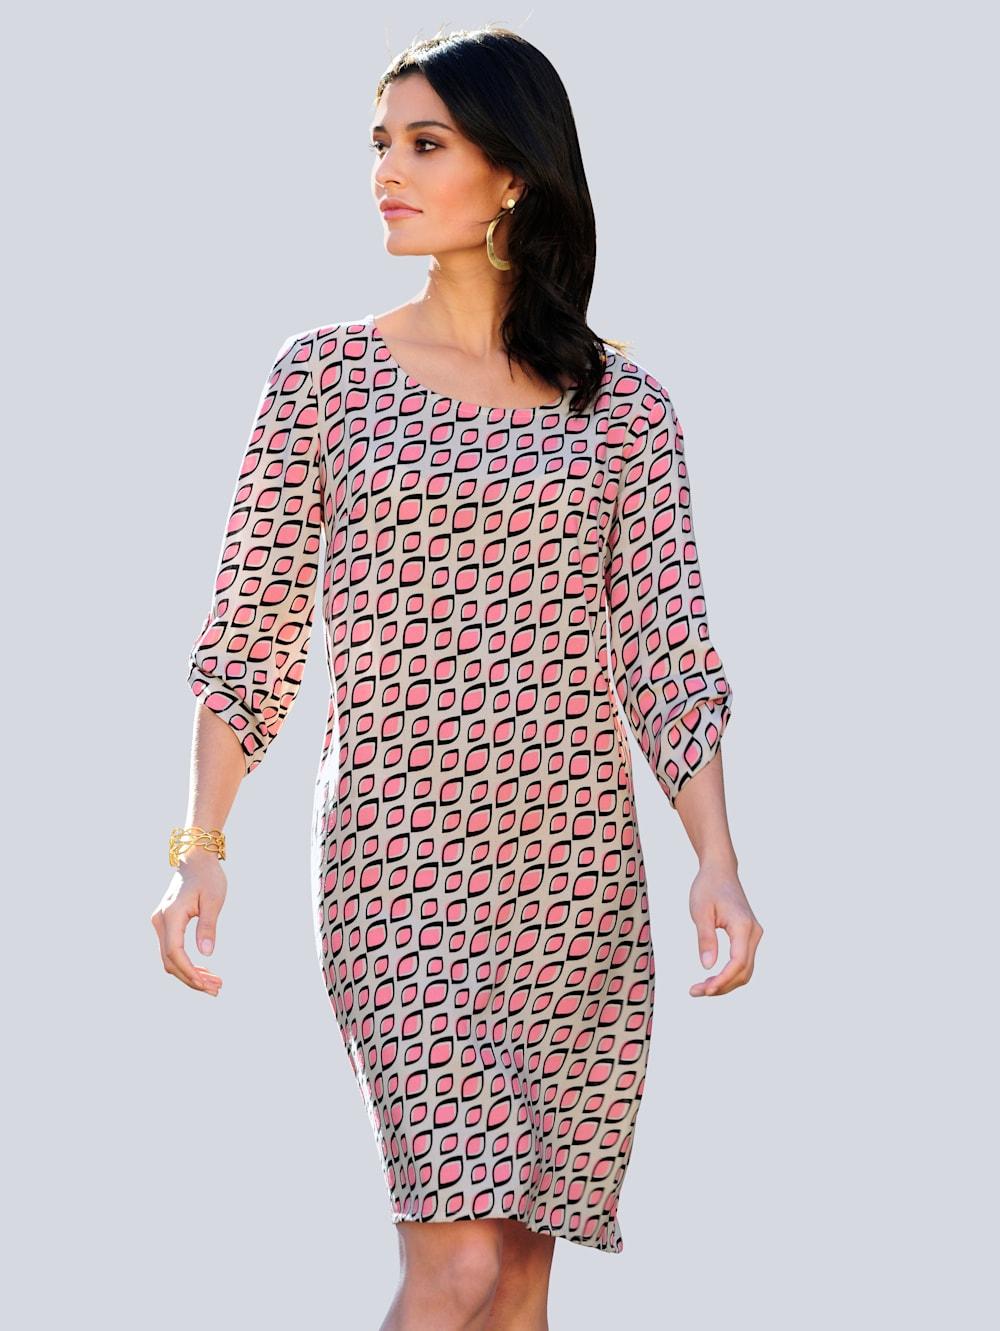 Alba Moda Kleid im exclusiven Dessin nur bei Alba Moda  Alba Moda